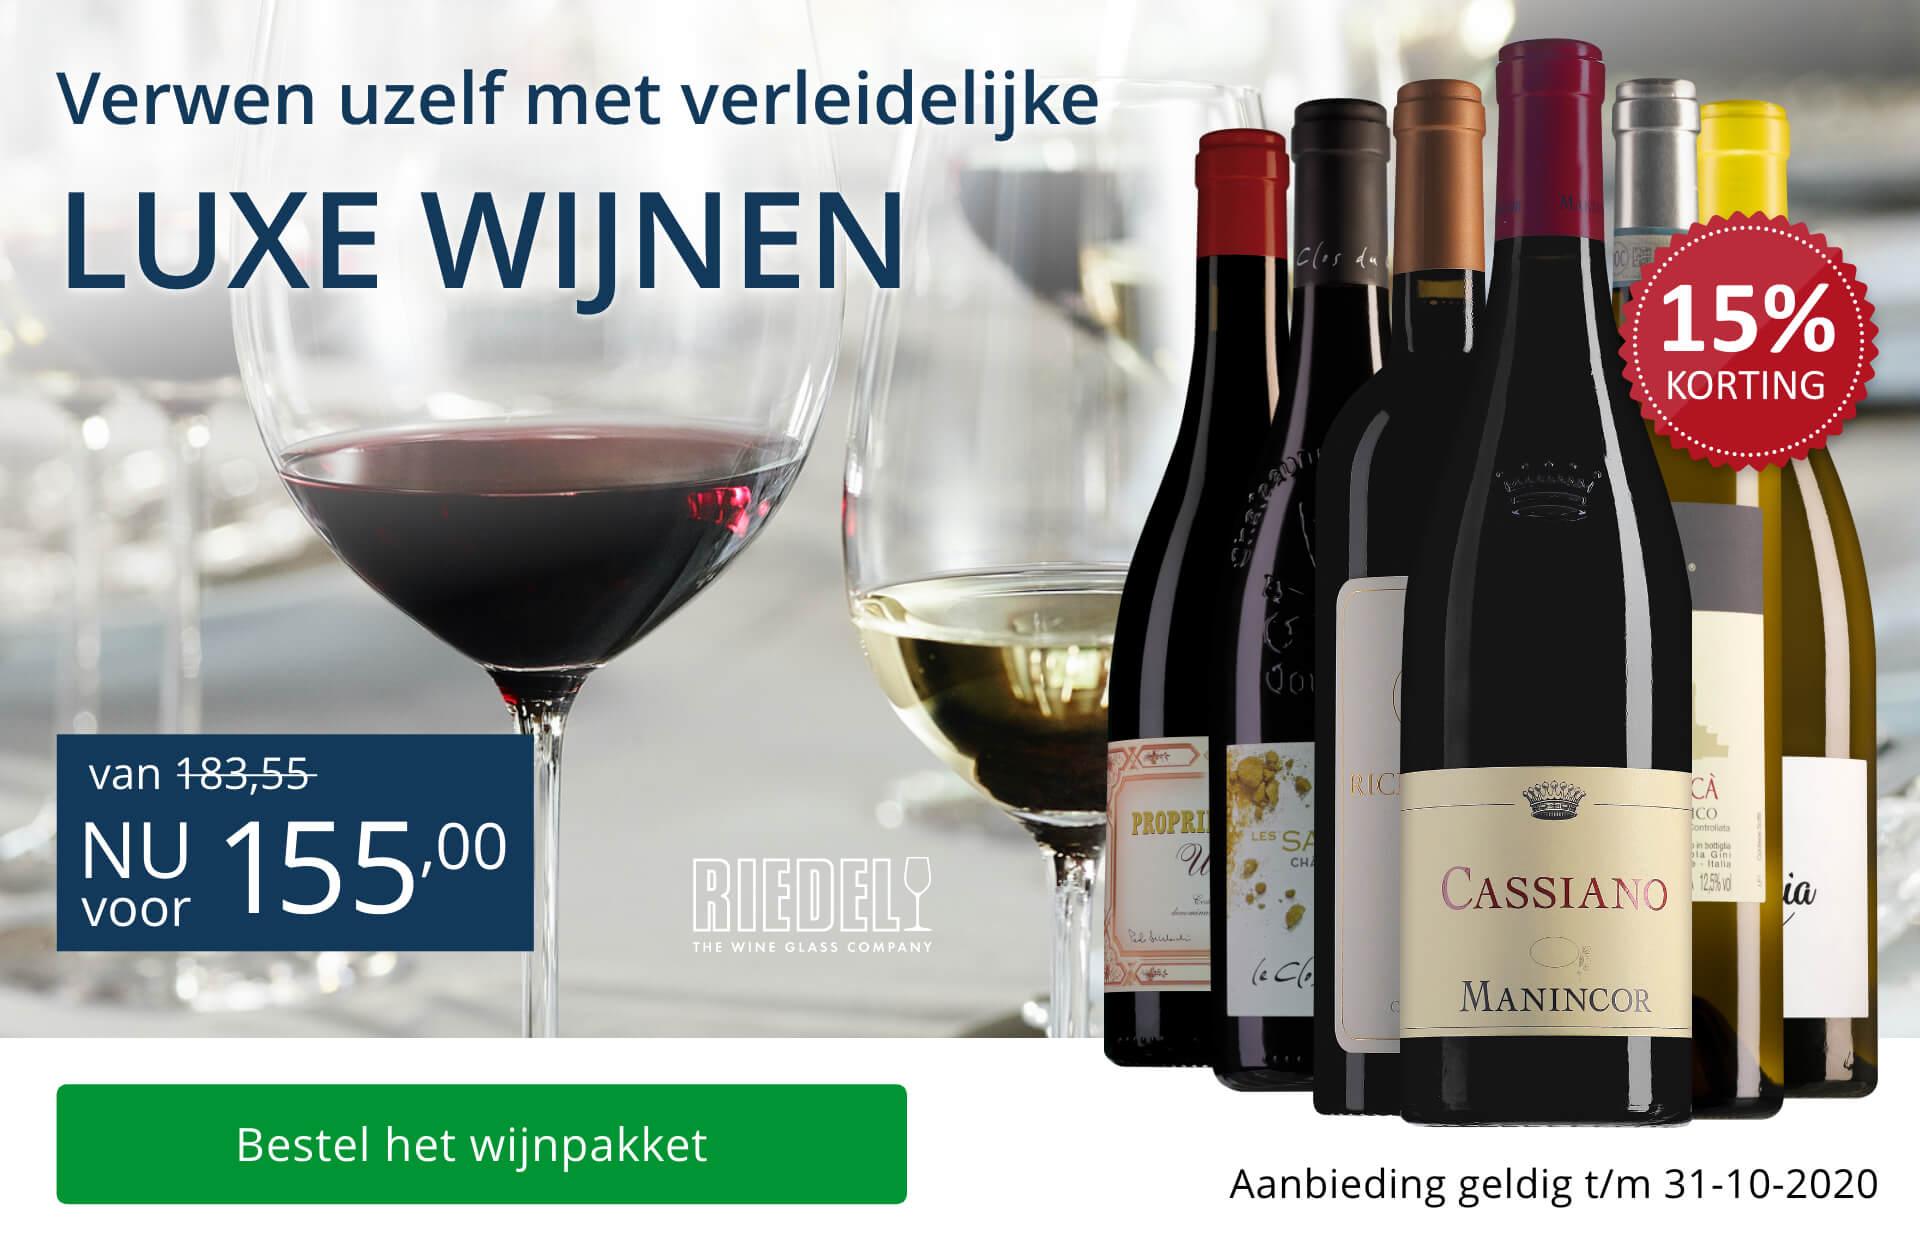 Wijnpakket luxe wijnen (155,00) - blauw